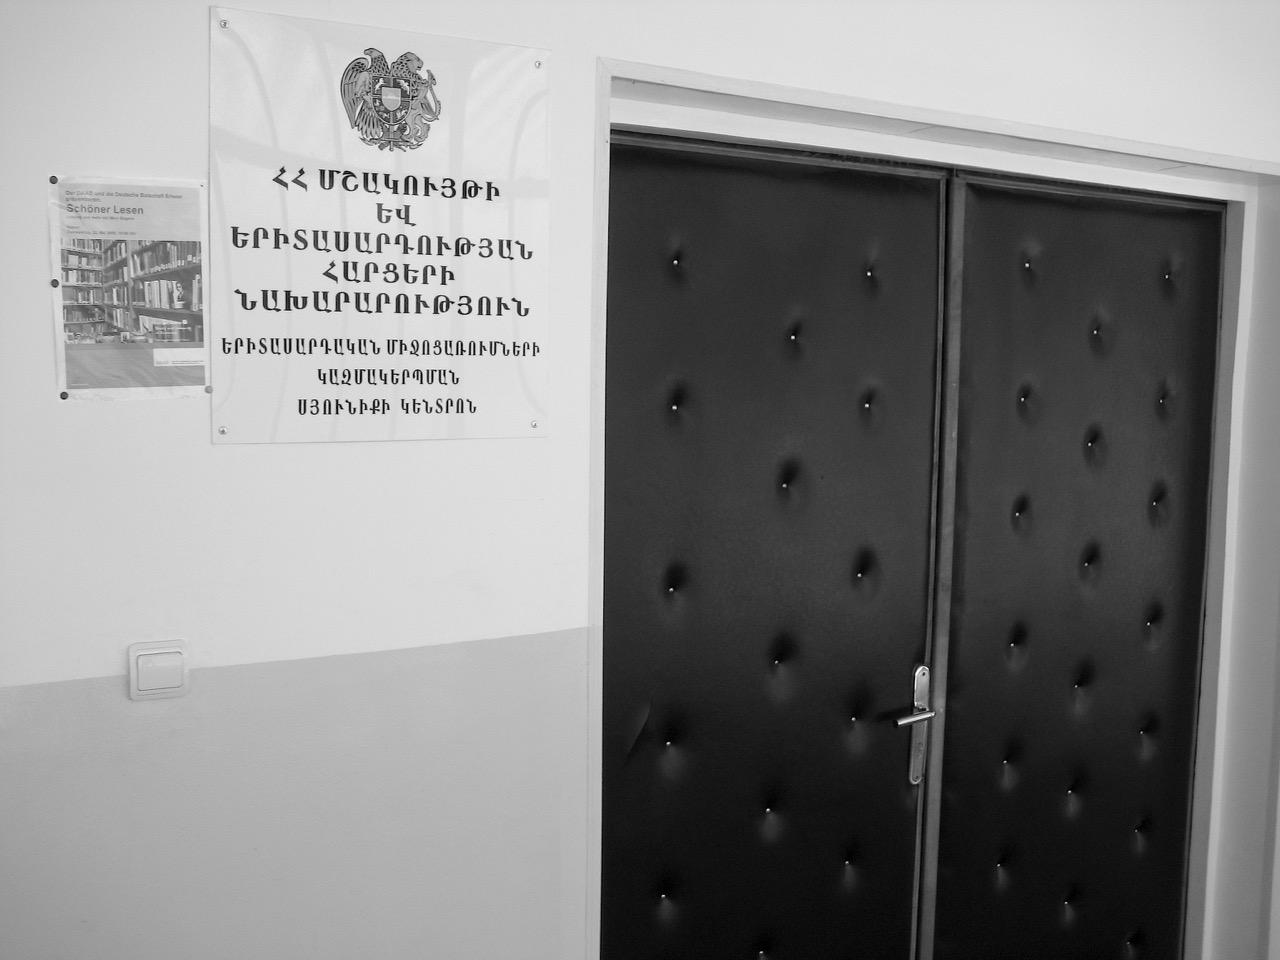 Foto: Schöner Lesen. Aus: Eriwan. Kapitel 4. Aufzeichnungen aus Armenien von Marc Degens.